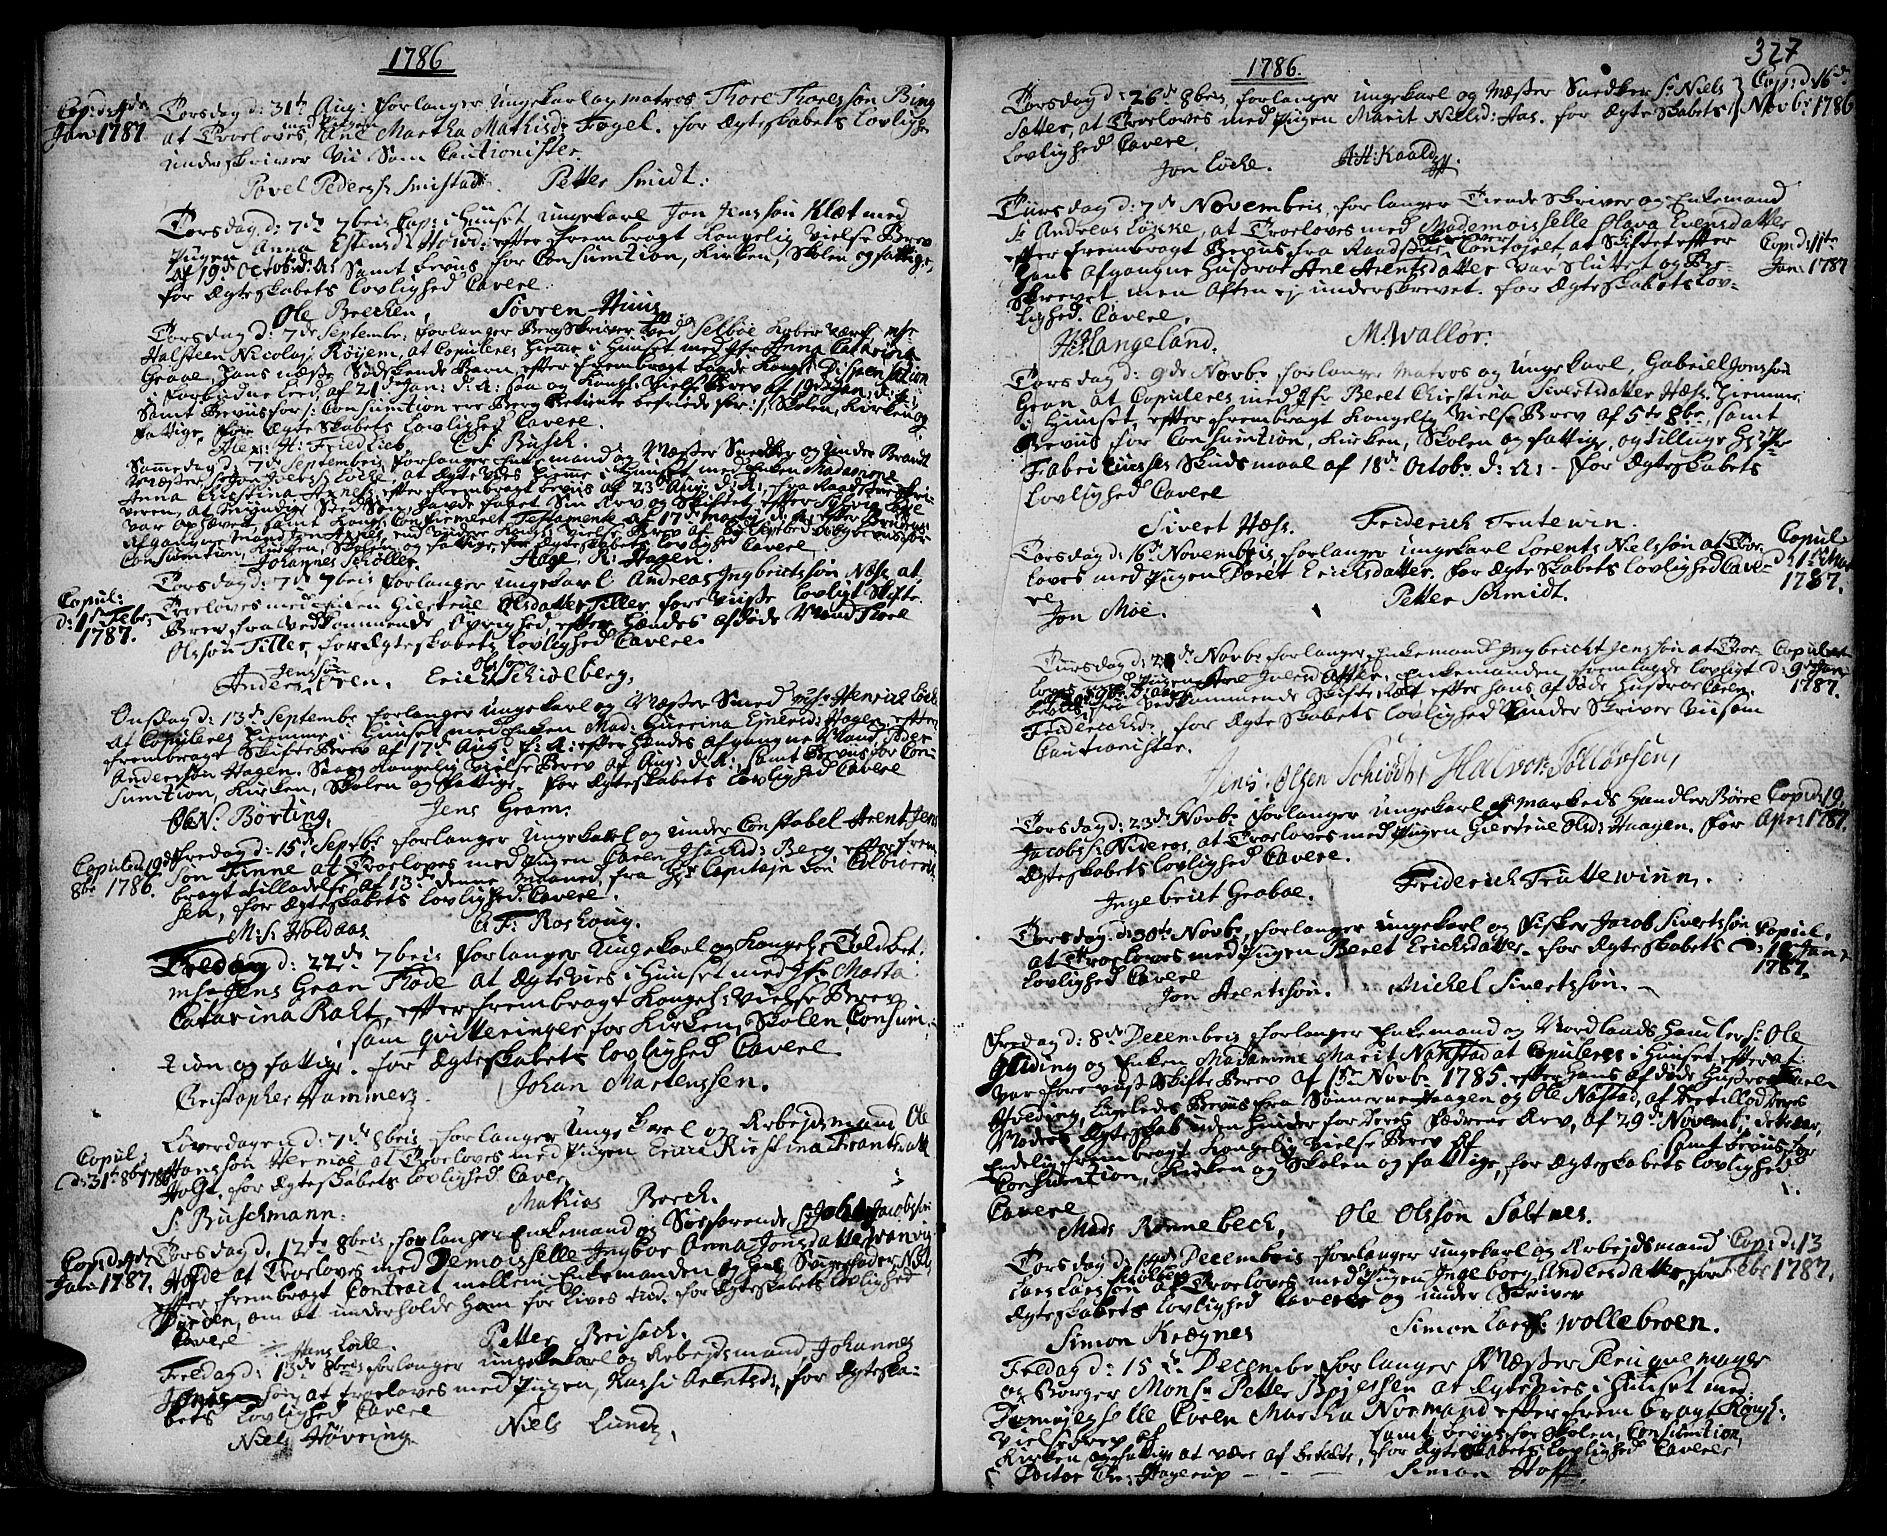 SAT, Ministerialprotokoller, klokkerbøker og fødselsregistre - Sør-Trøndelag, 601/L0038: Ministerialbok nr. 601A06, 1766-1877, s. 327